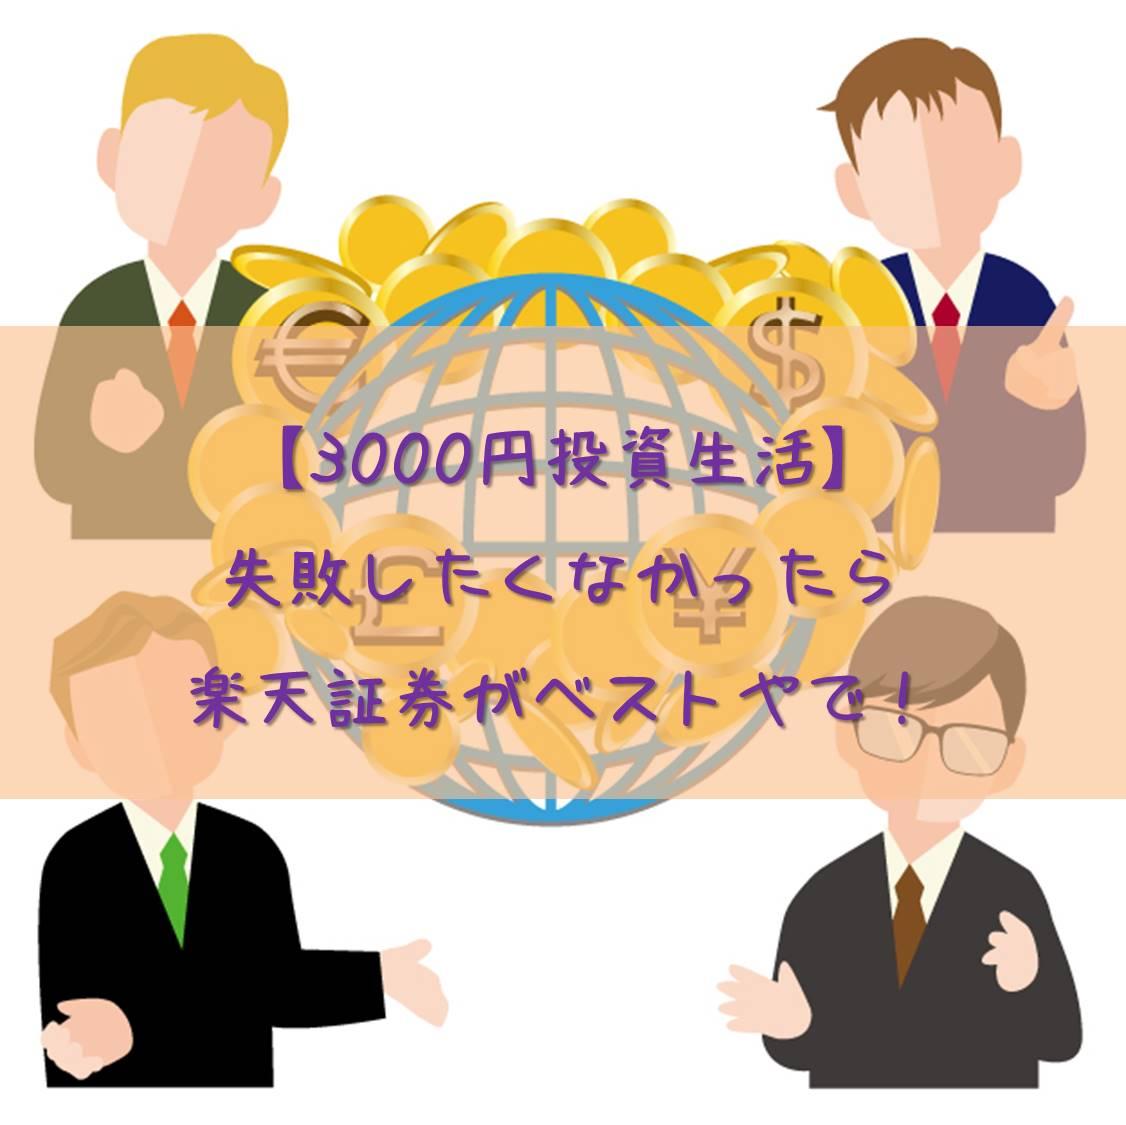 【3000円投資生活】失敗したくなかったら楽天証券がベストな理由!